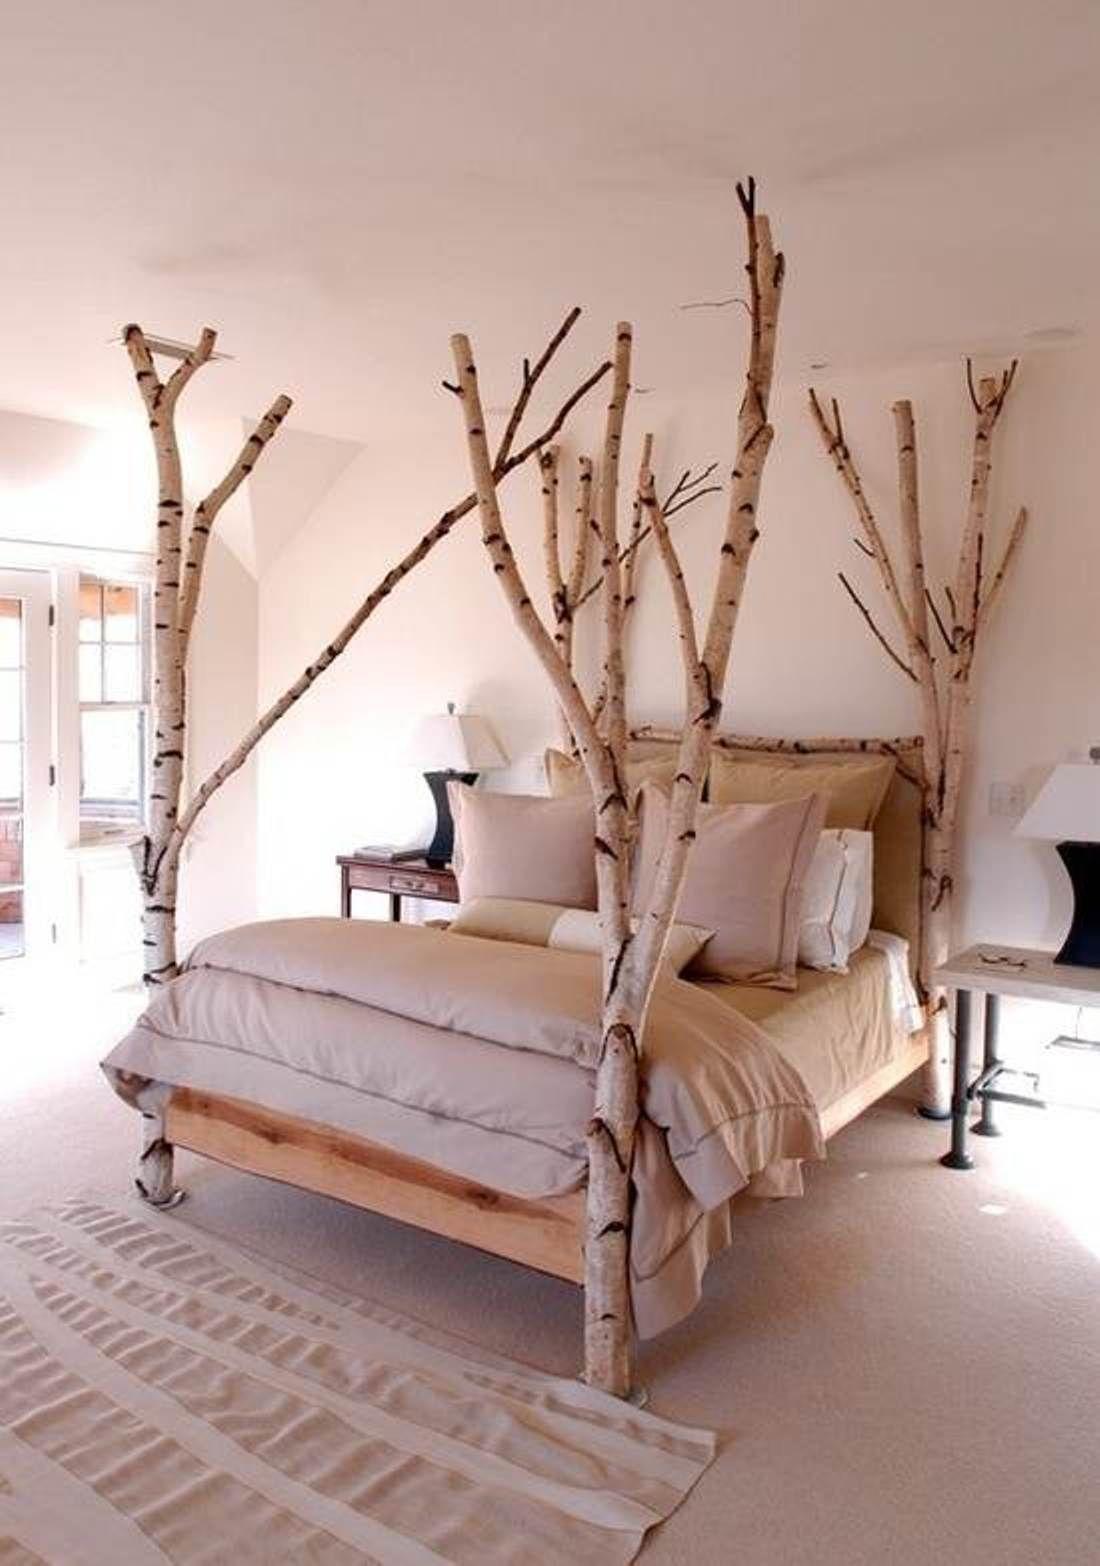 Amazing redecorating bedroom ideas birch treebed decor interiors